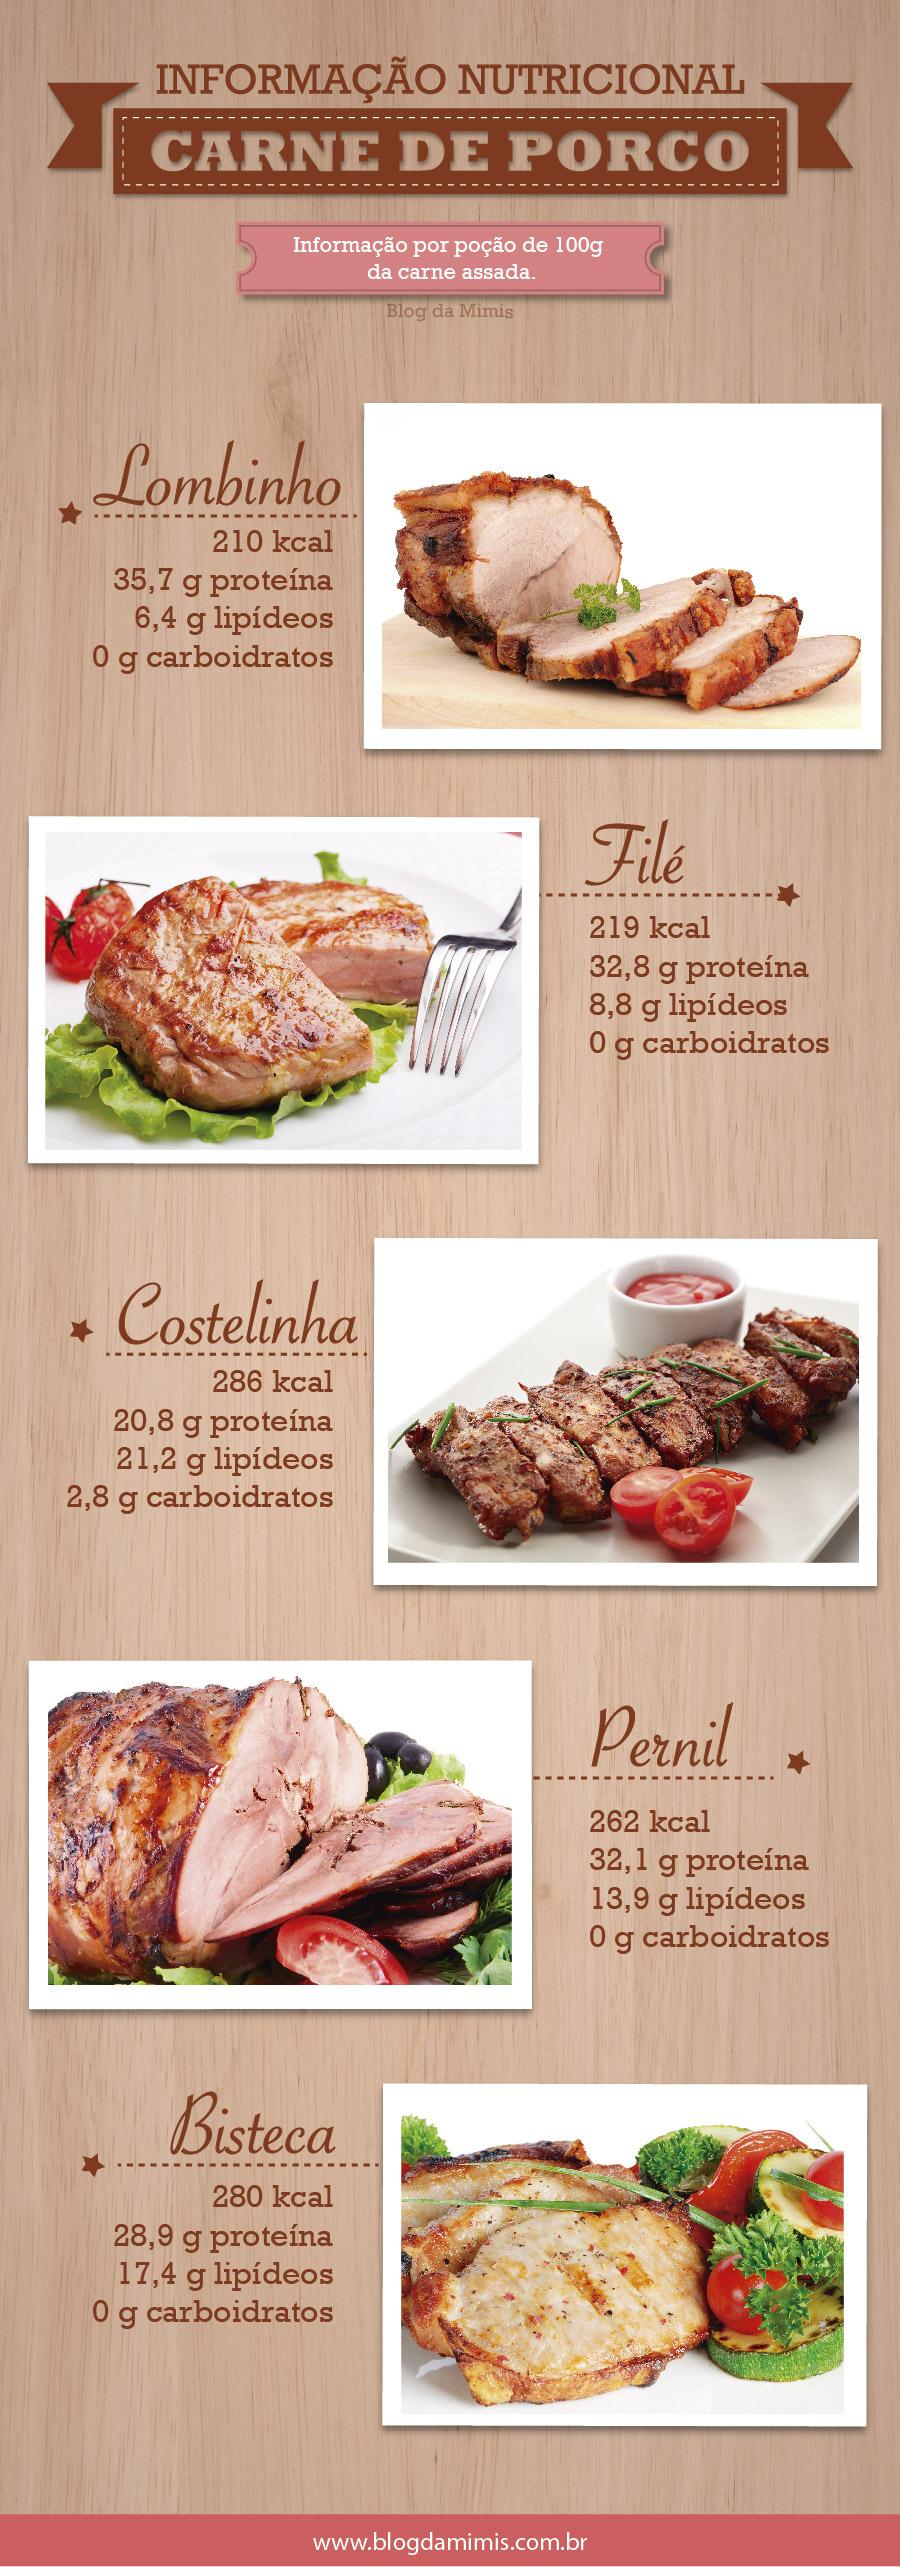 carne-porco-post-blog-da-mimis-michelle-franzoni